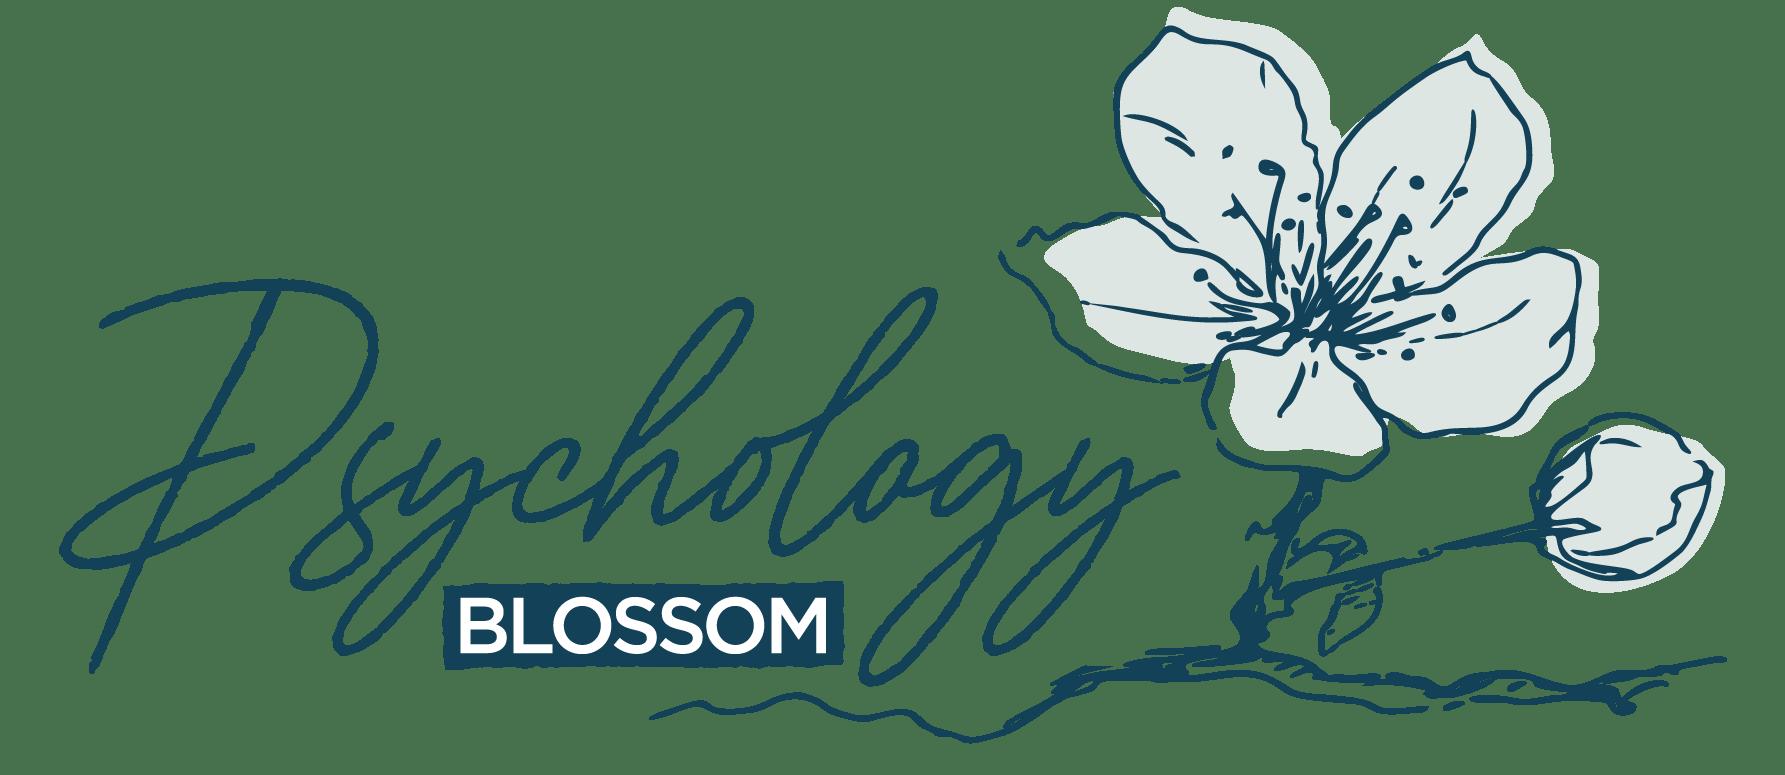 PsychologyBlossom_Logos-01